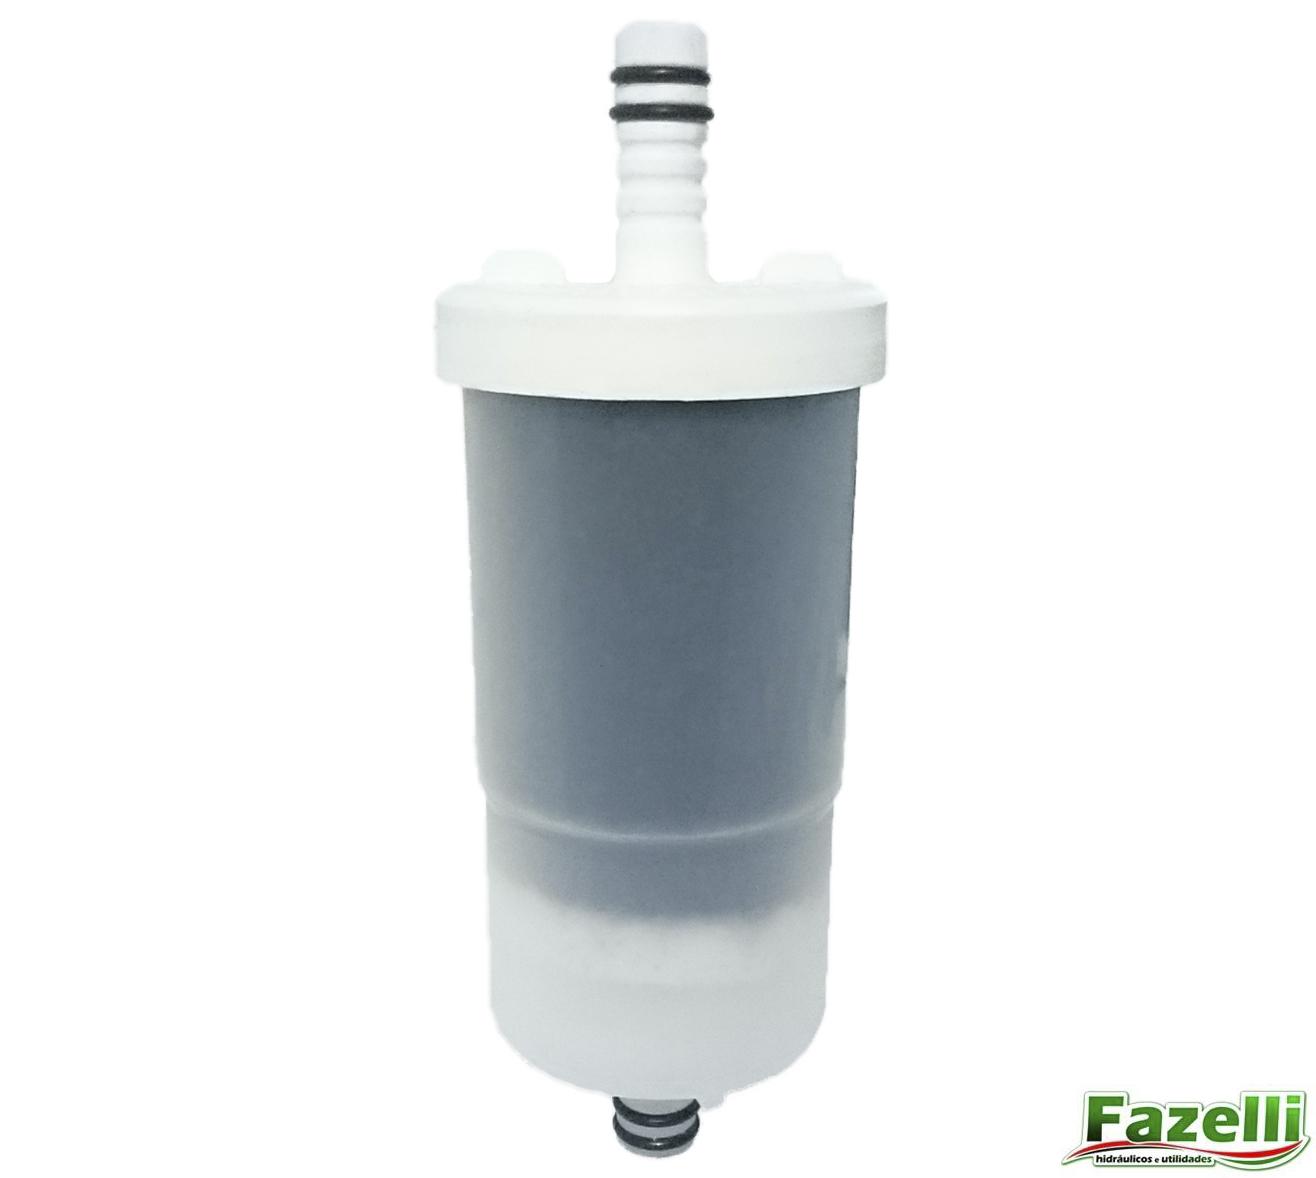 Vela Refil De Filtro Nobre P Encaixe - Kit Com 2 Und